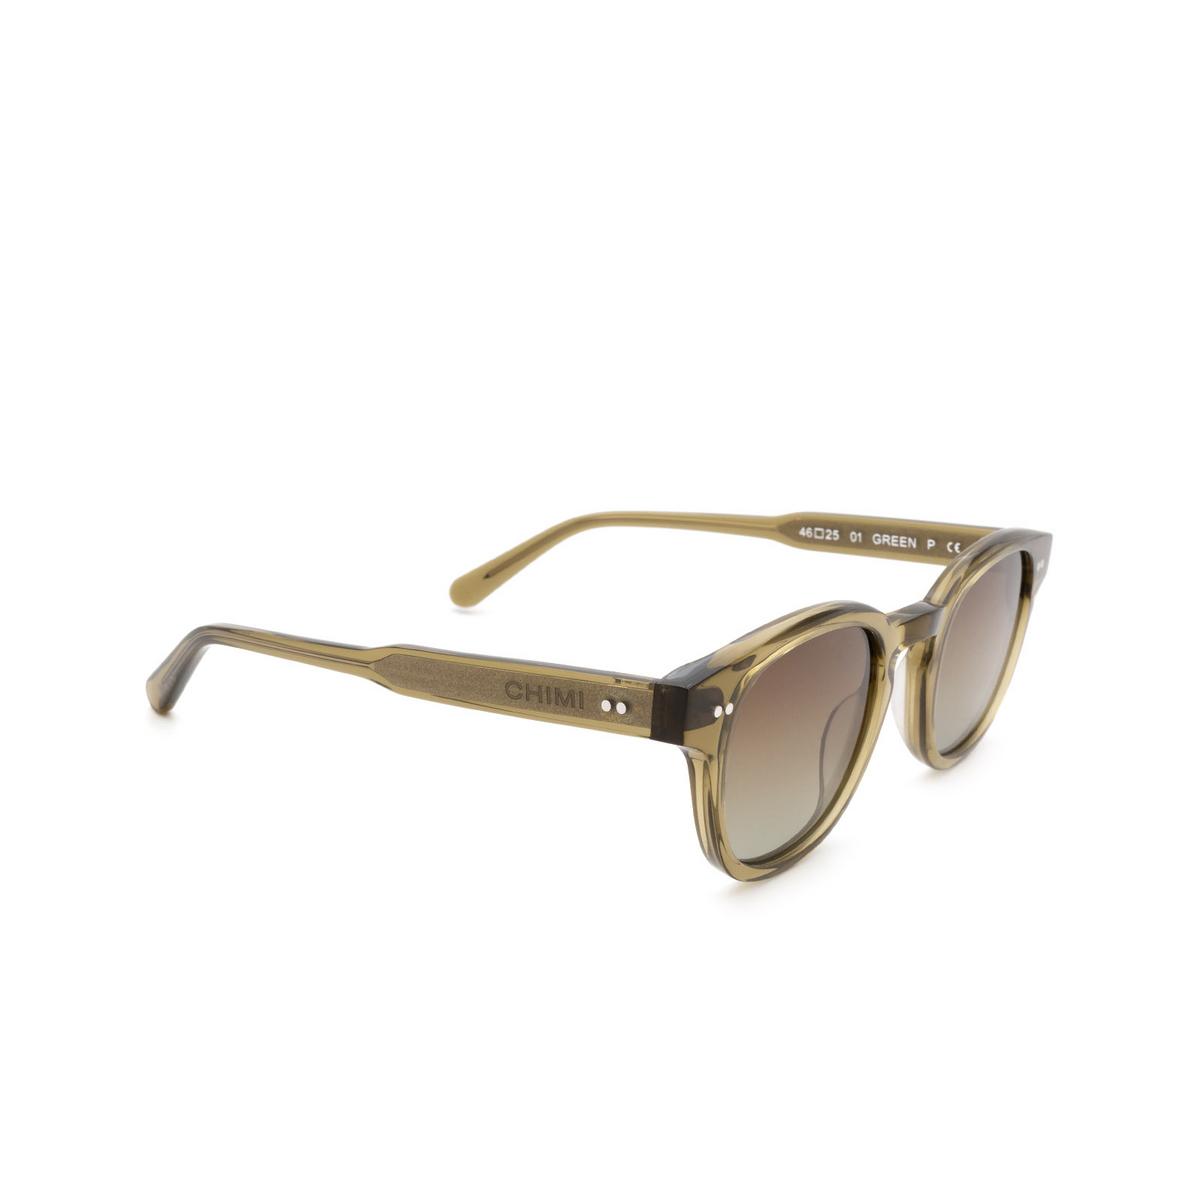 Chimi® Square Sunglasses: 01 color Green - three-quarters view.